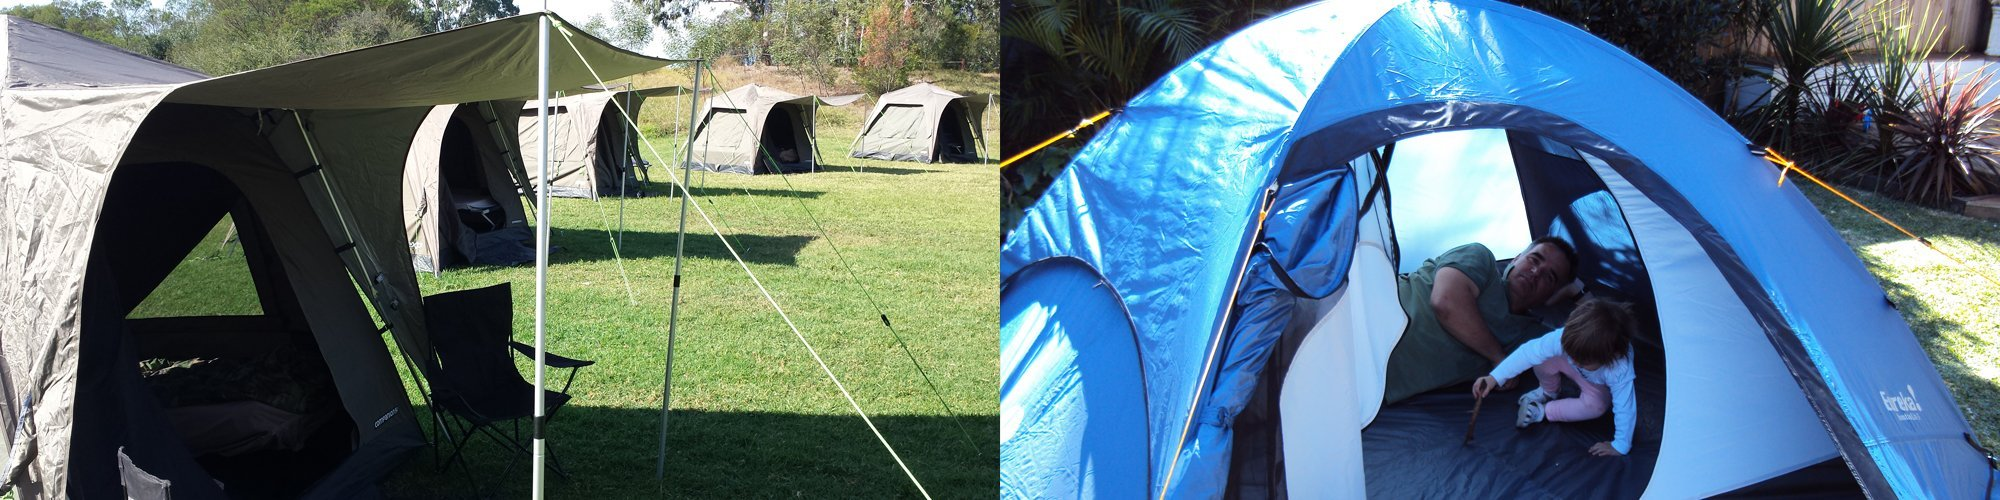 Camping Equipment & Bush Walking Gear Hire